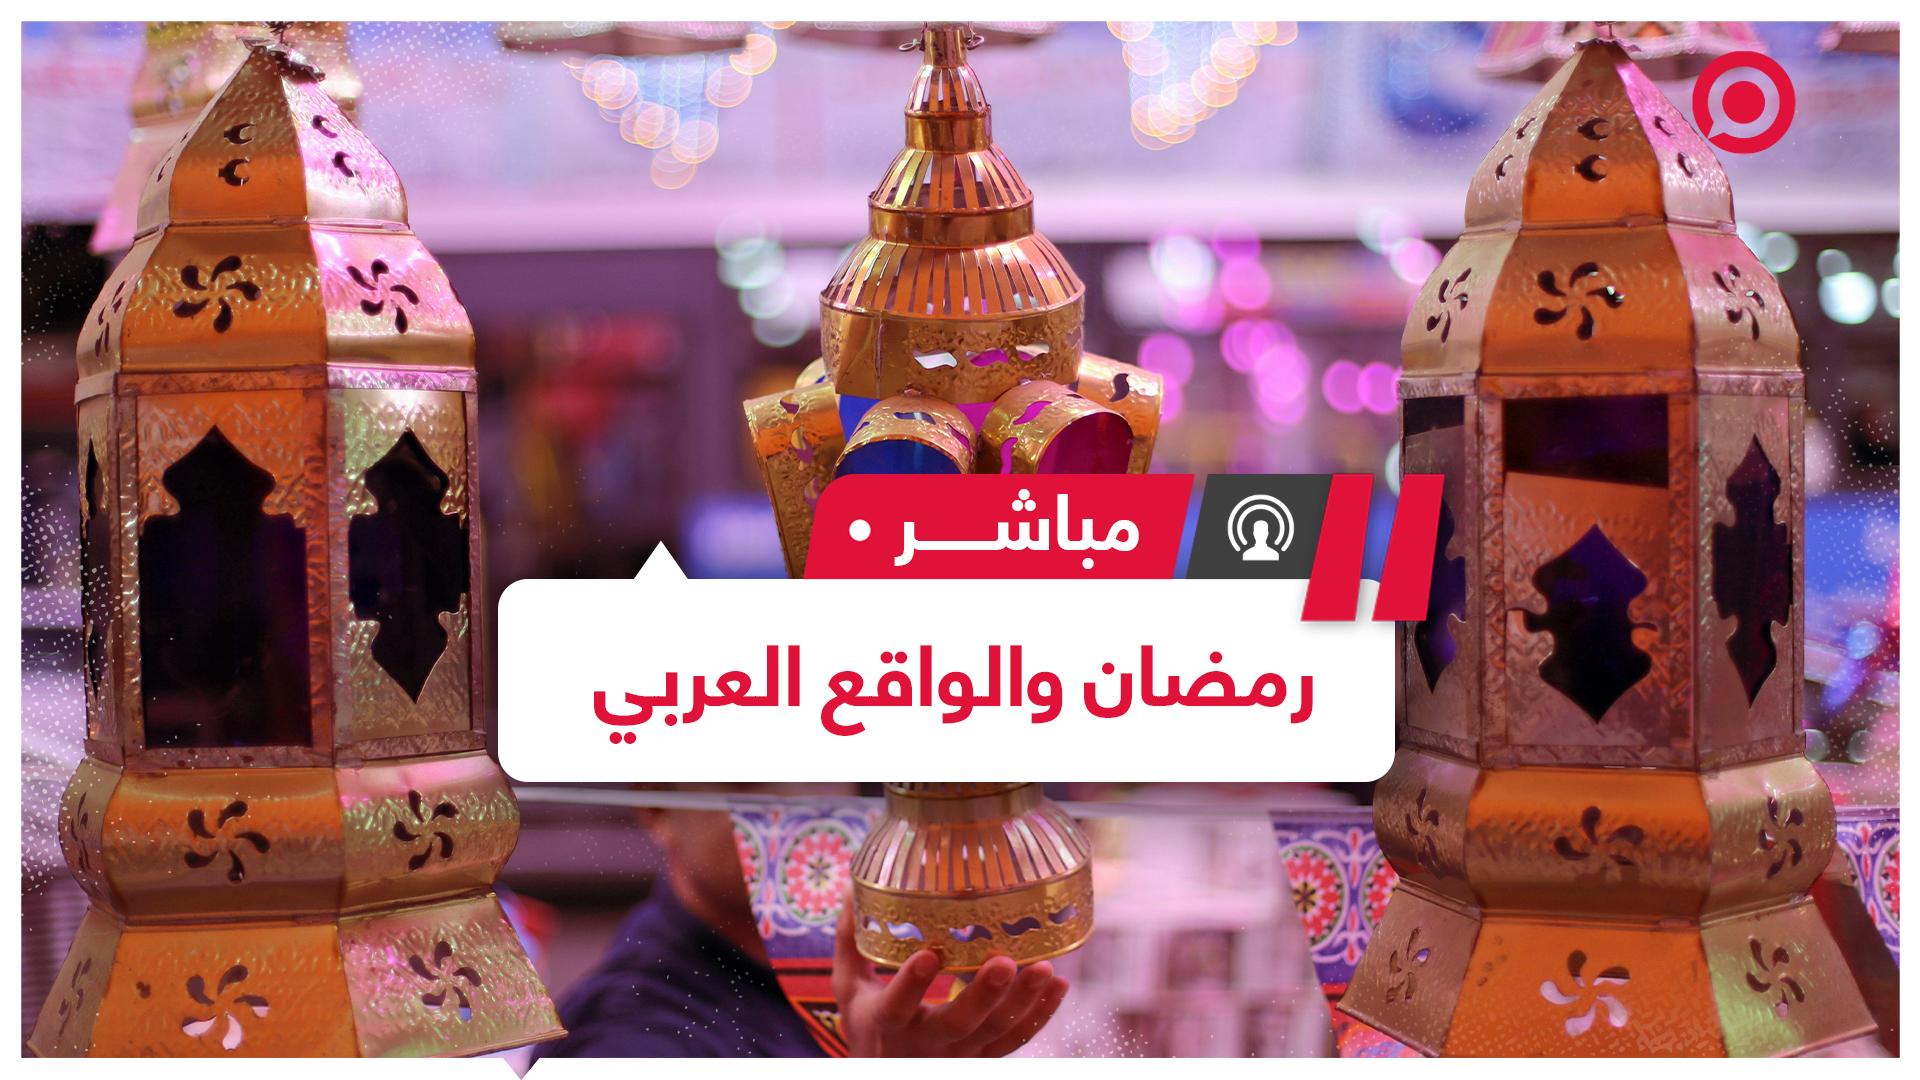 في ظل واقع اقتصادي واجتماعي منهك كيف يستقبل المواطن العربي شهر رمضان؟